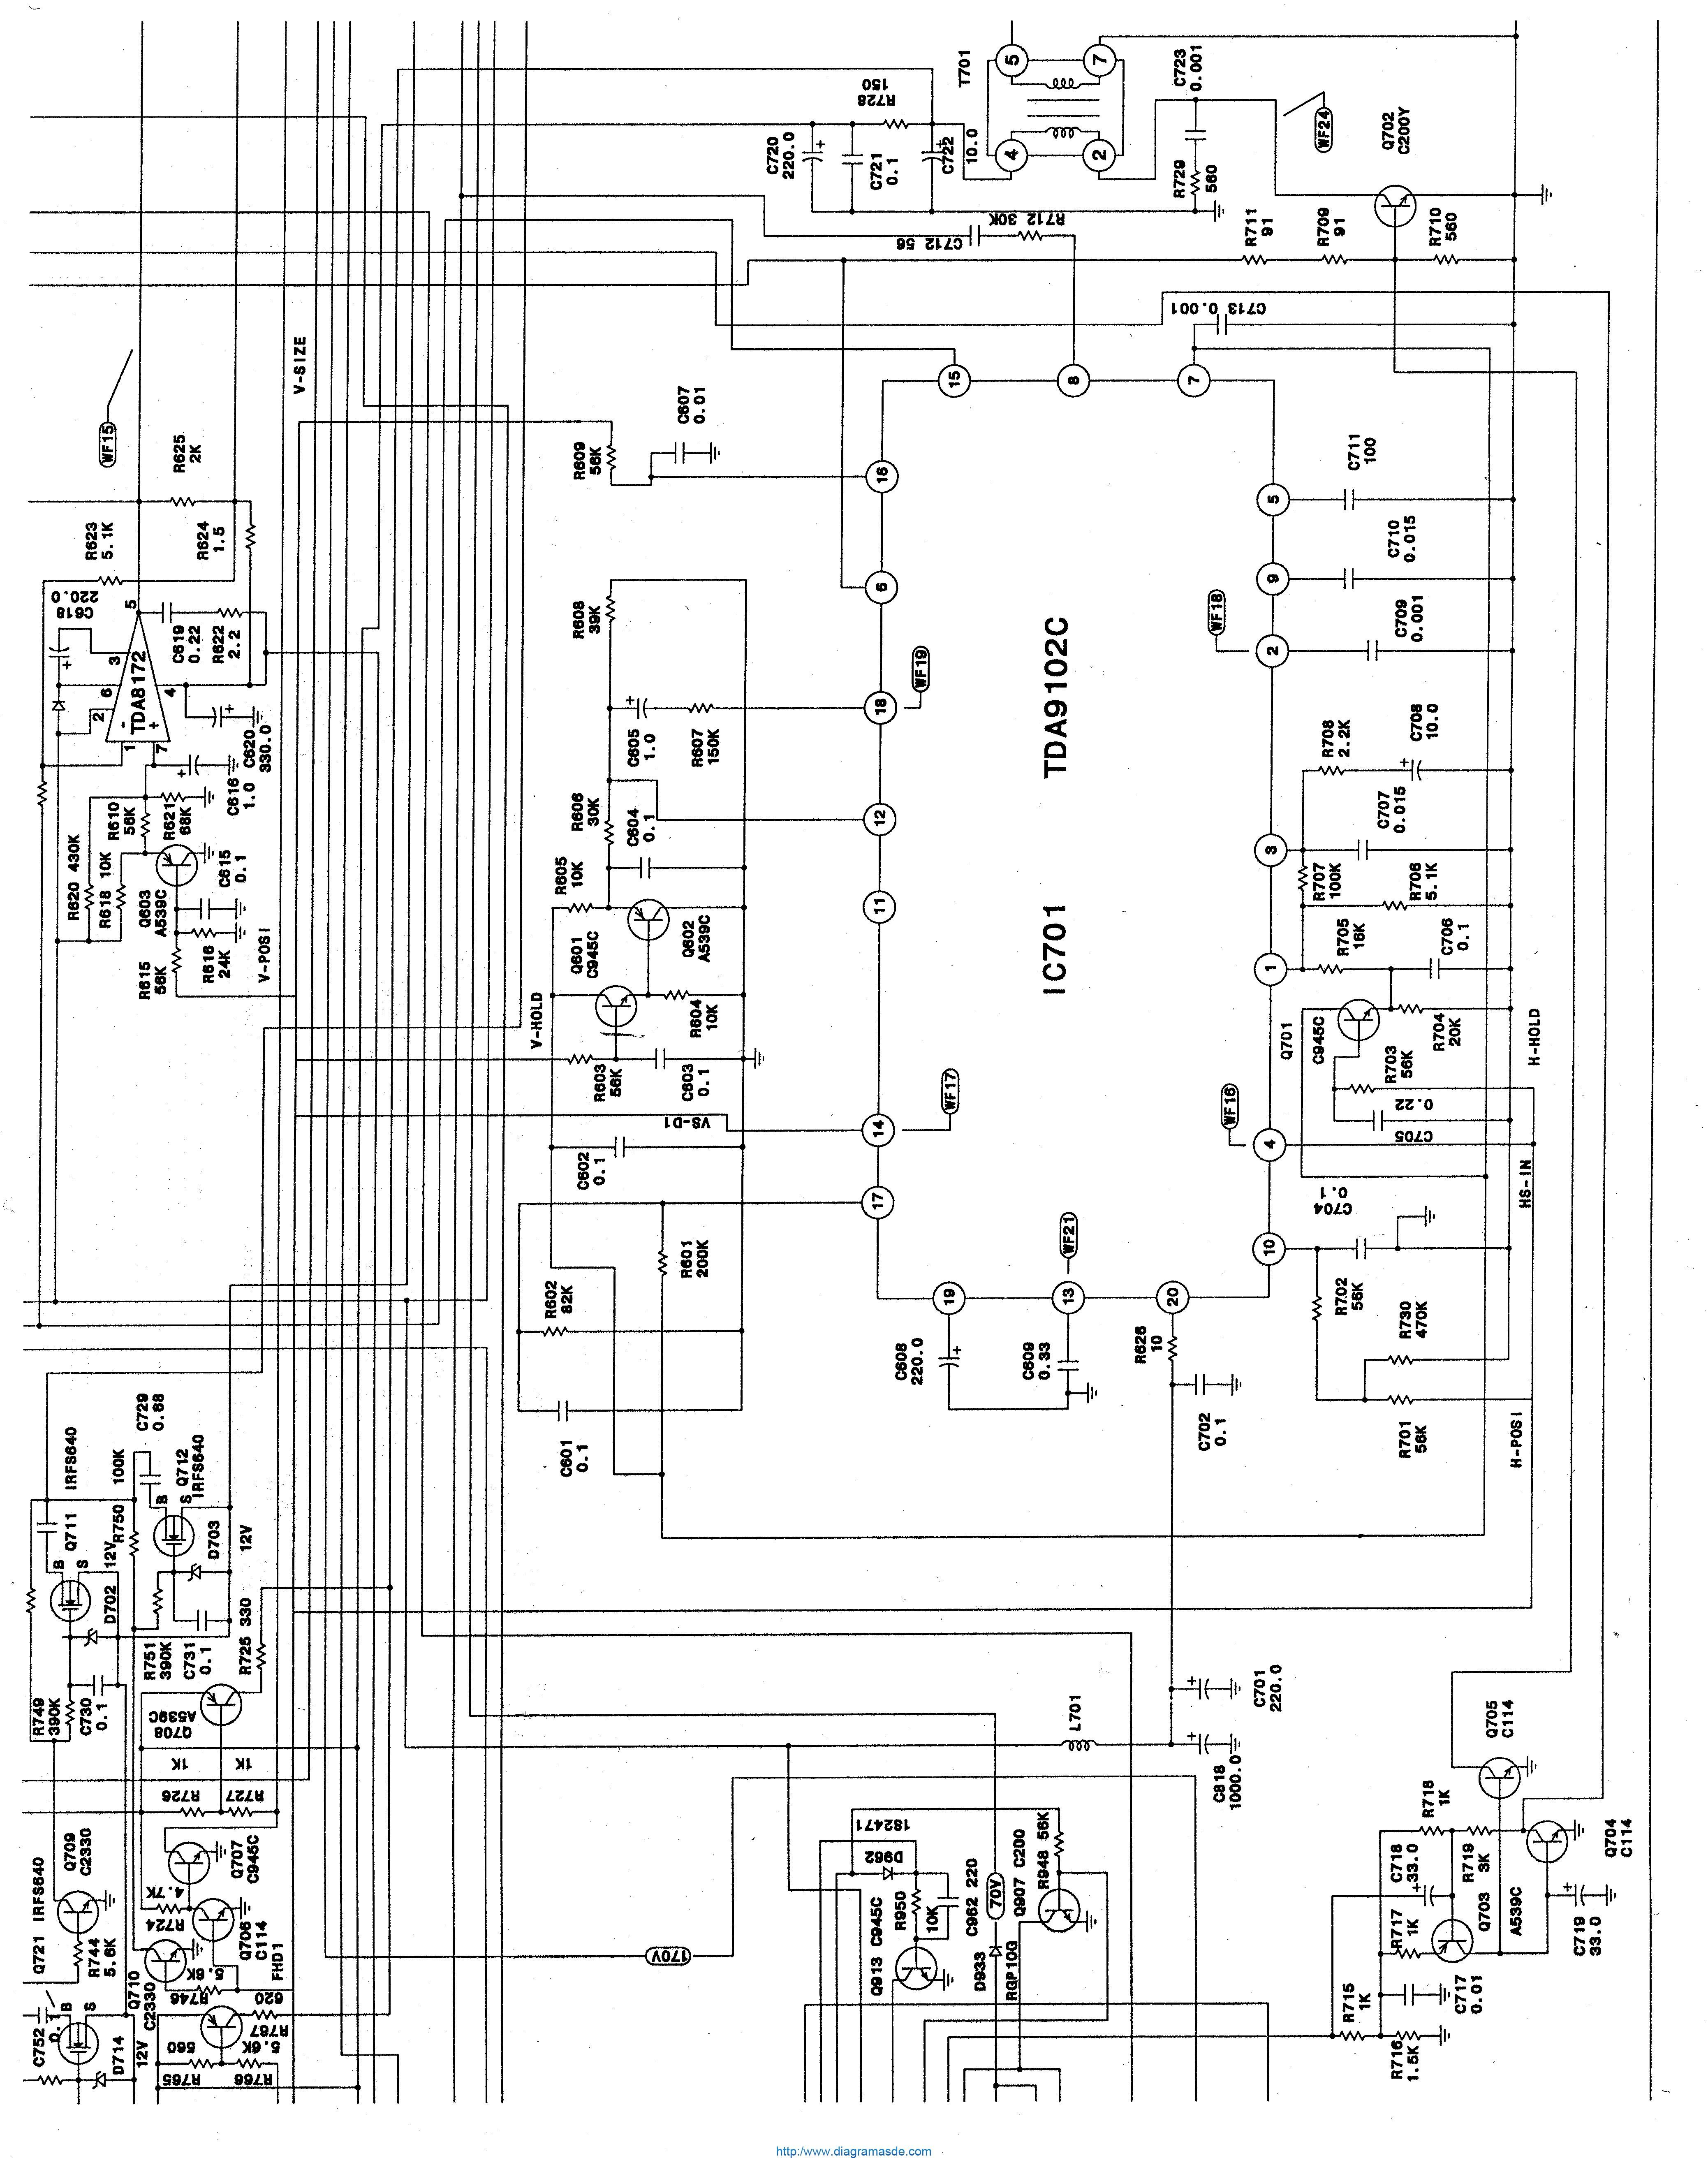 diagrama monitor lg 7672 pdf lg